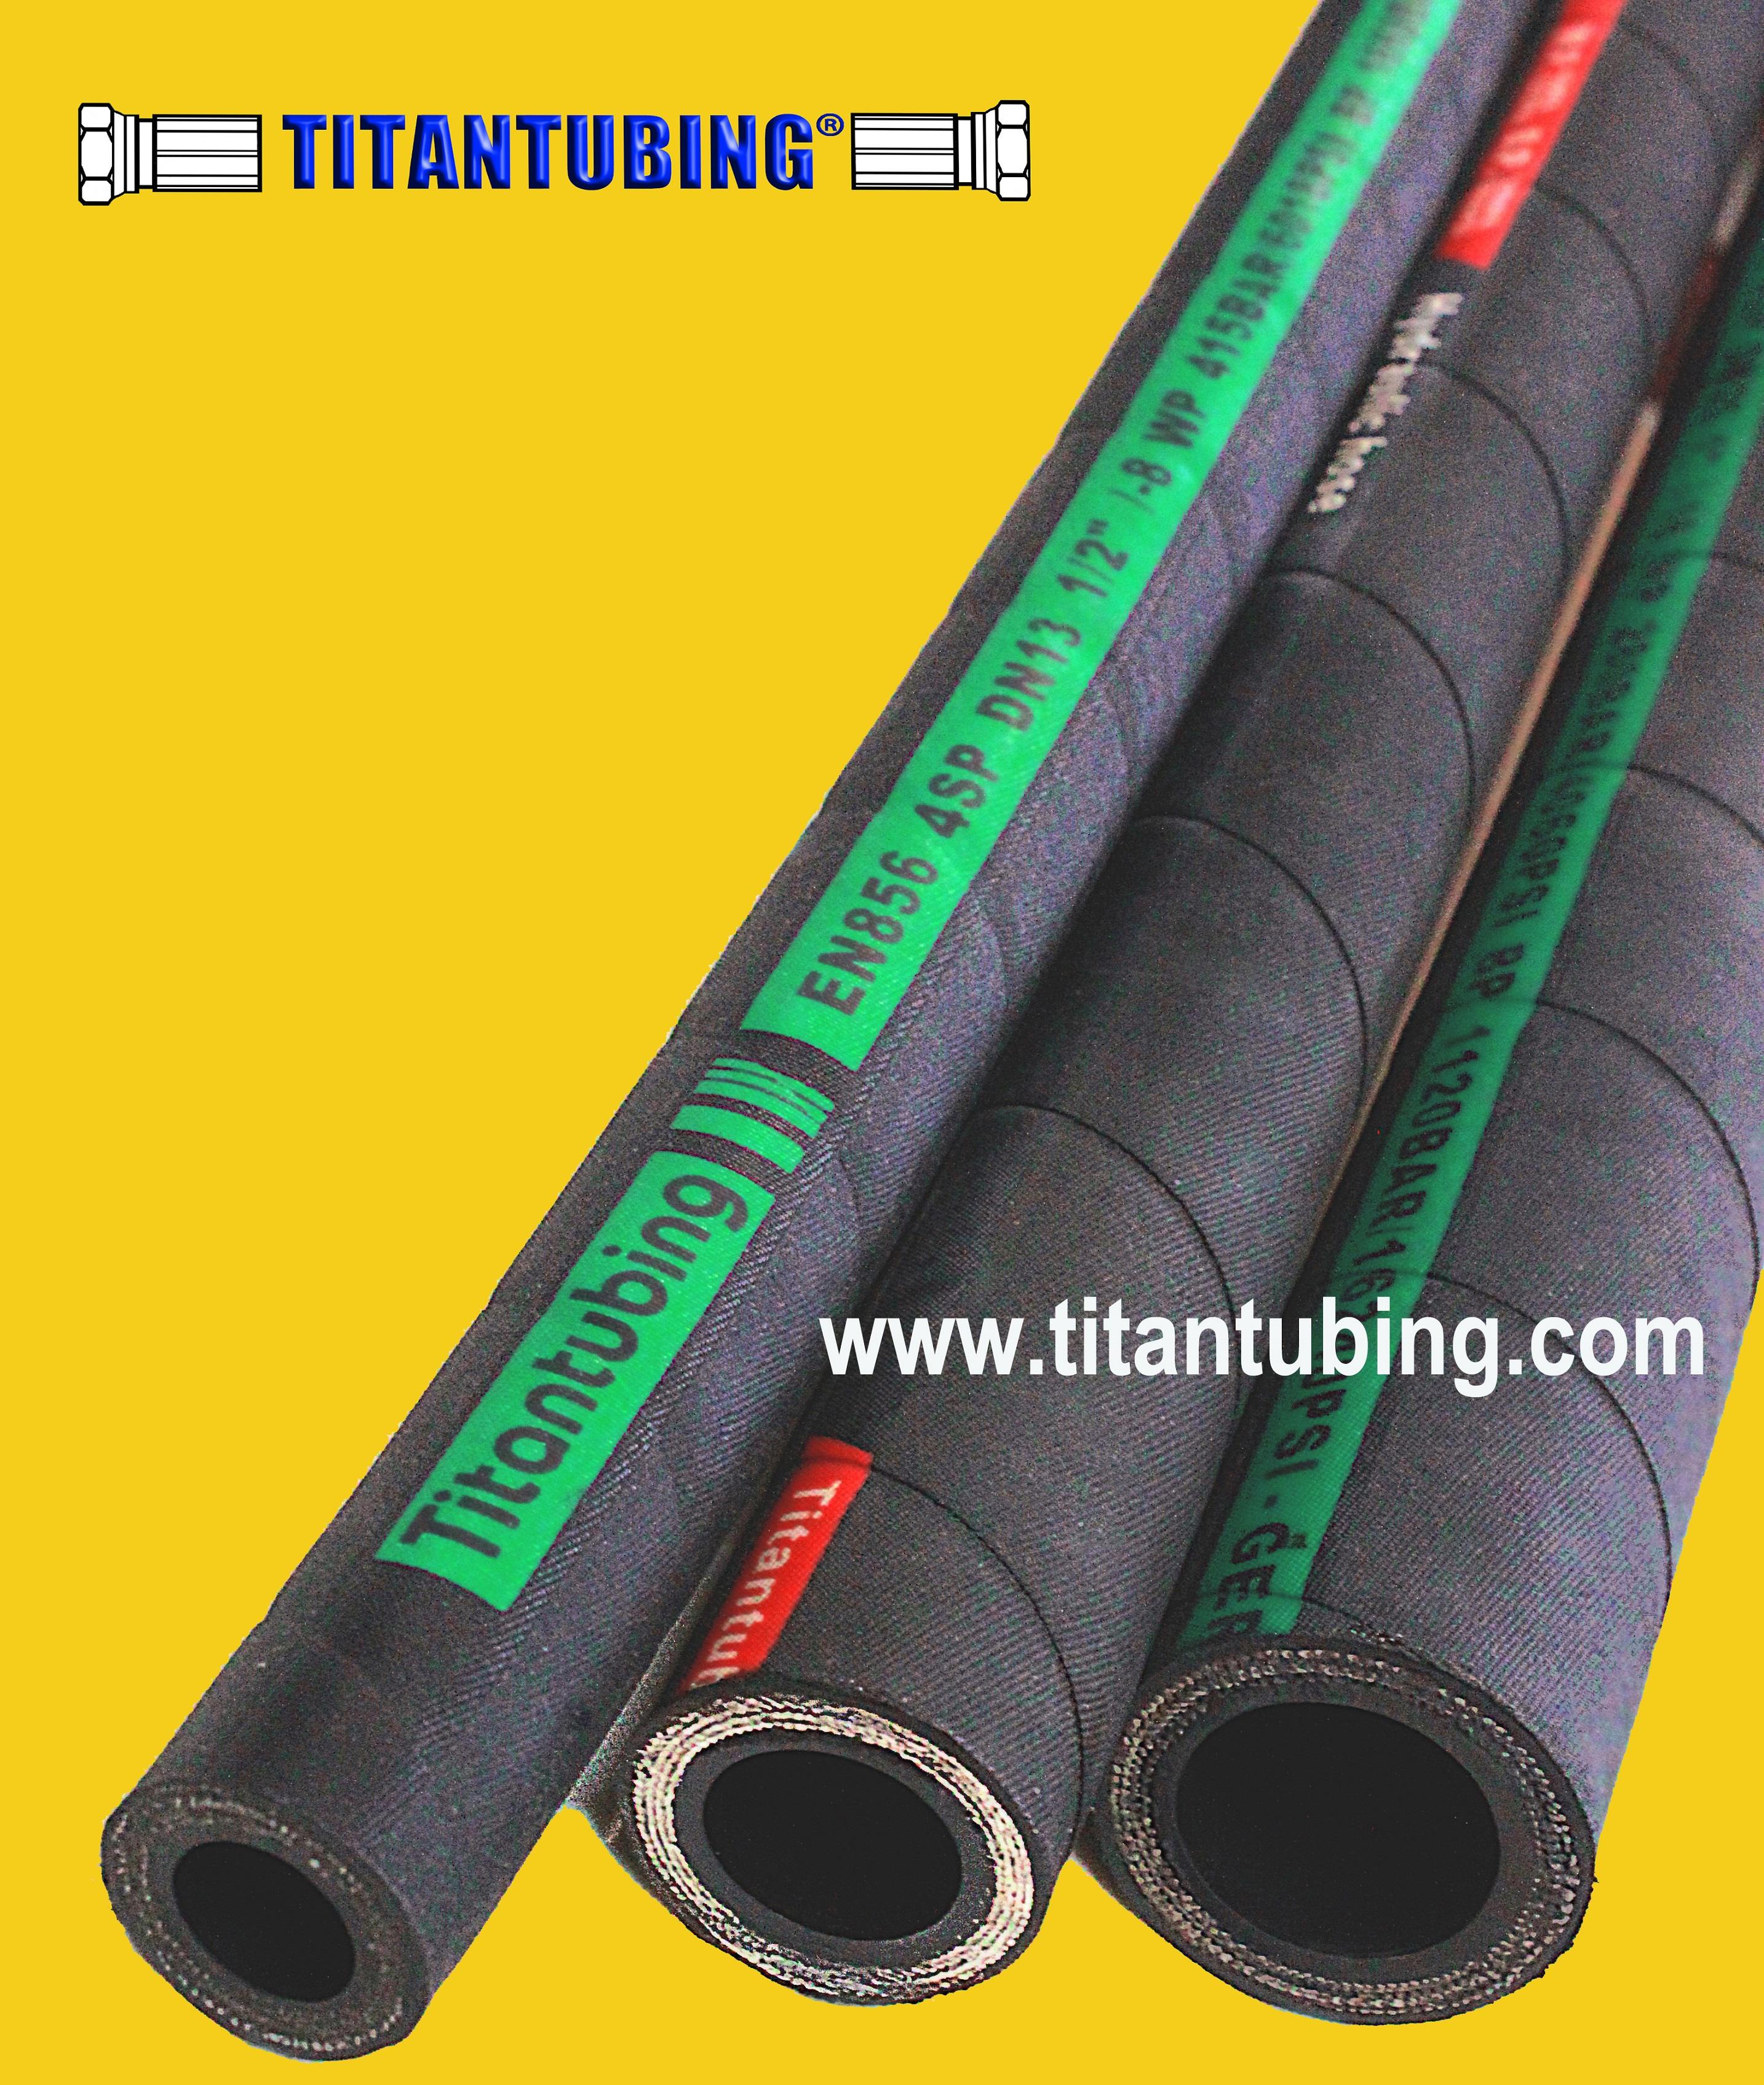 hydraulic橡胶软管 液压胶管 SAE 100R 胶管